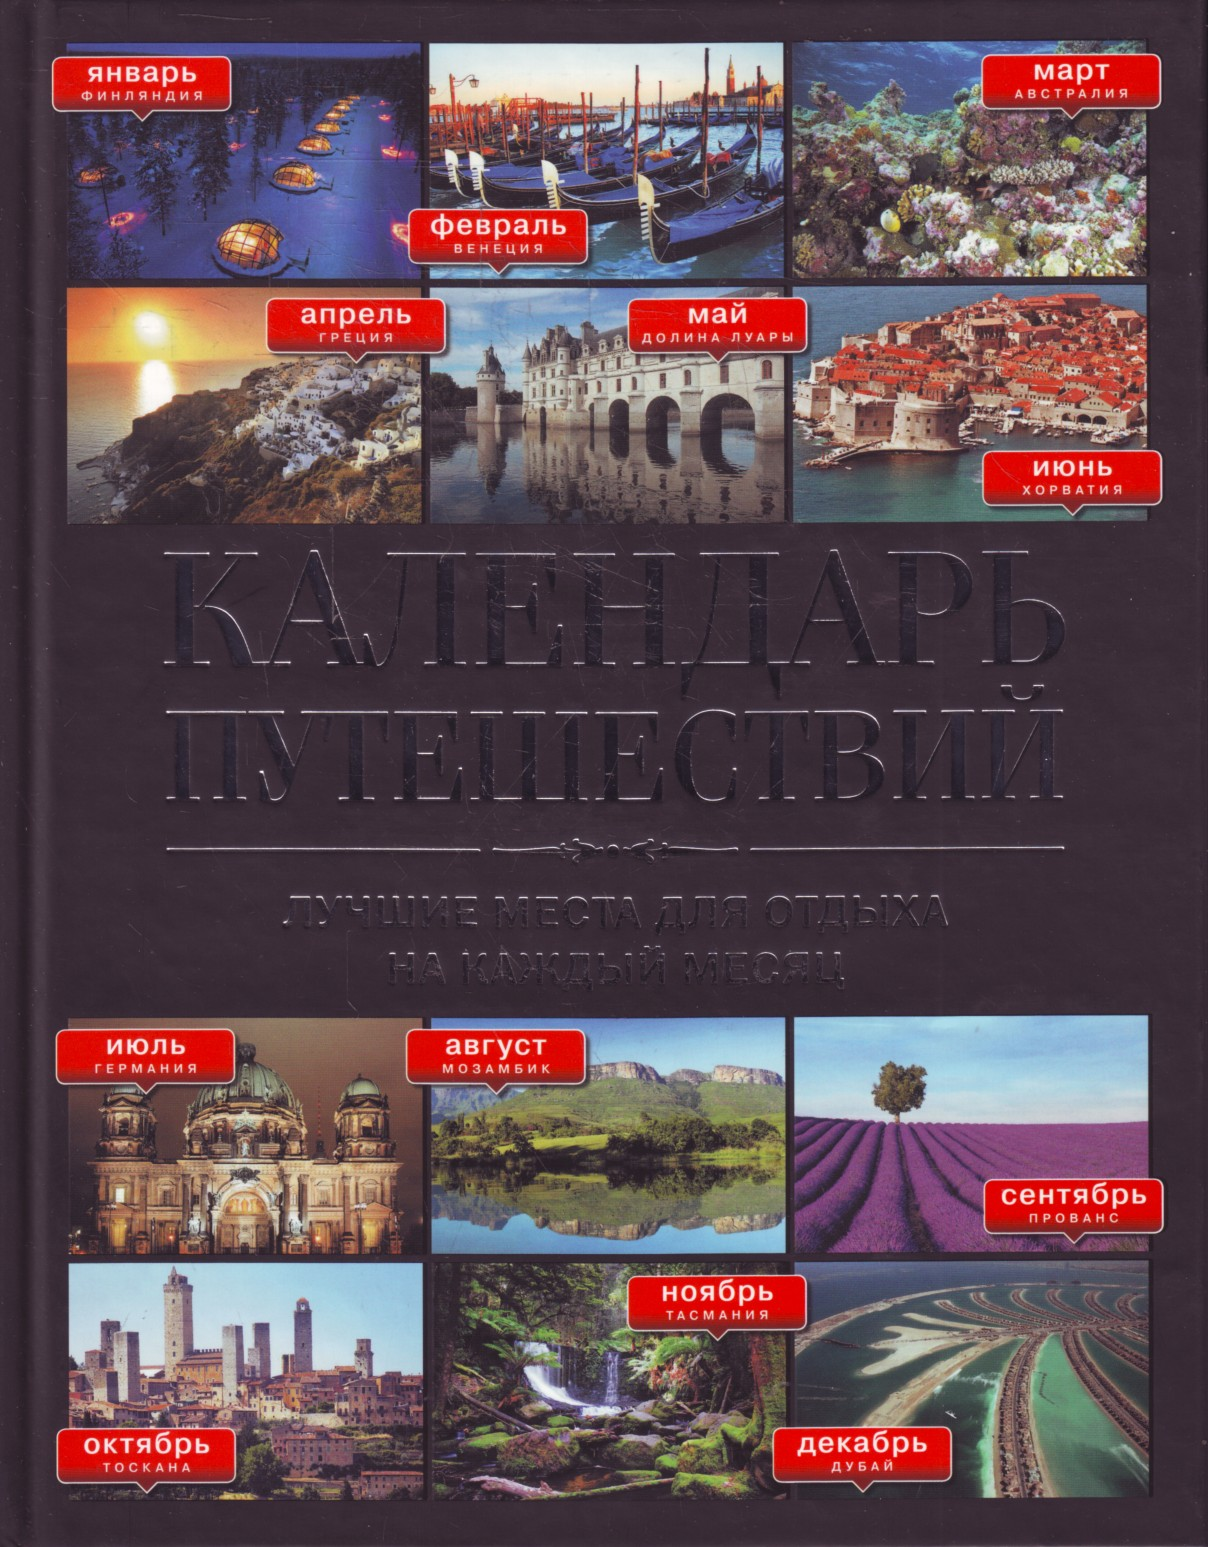 Календарь путешествий: лучшие места для отдыха на каждый месяц.